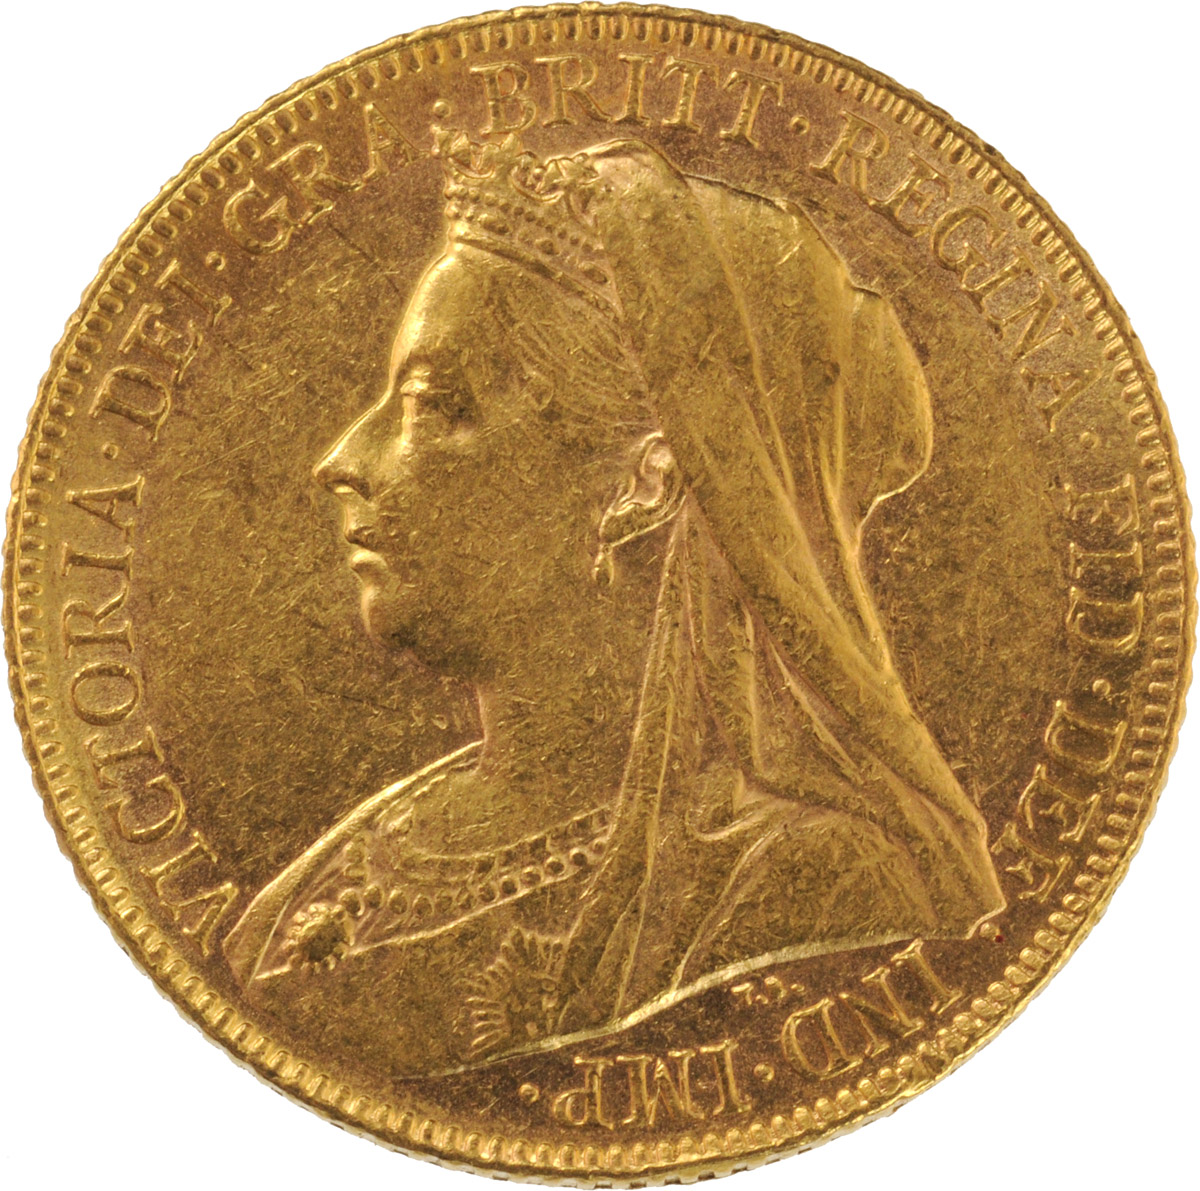 1900 Βικτώρια (Νομισματοκοπείο Λονδίνου)